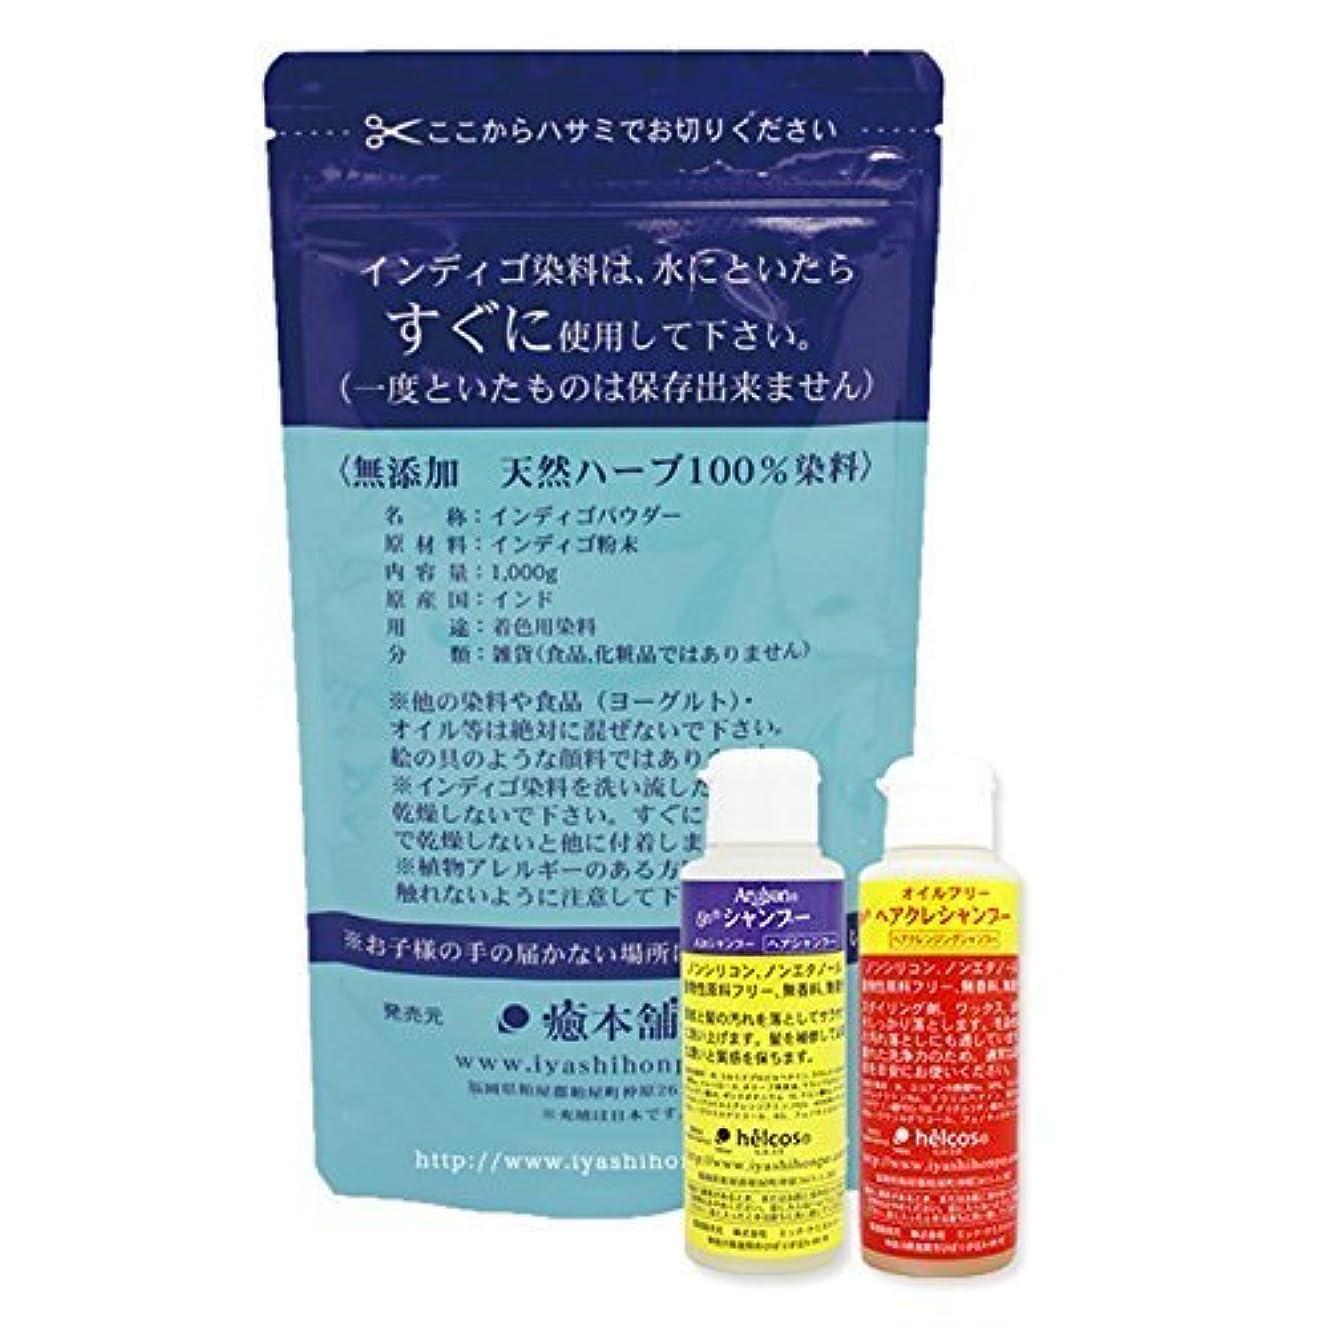 アプローチばかげている判定白髪染め インディゴ(天然染料100%) 1kg+シャンプー2種セット 癒本舗